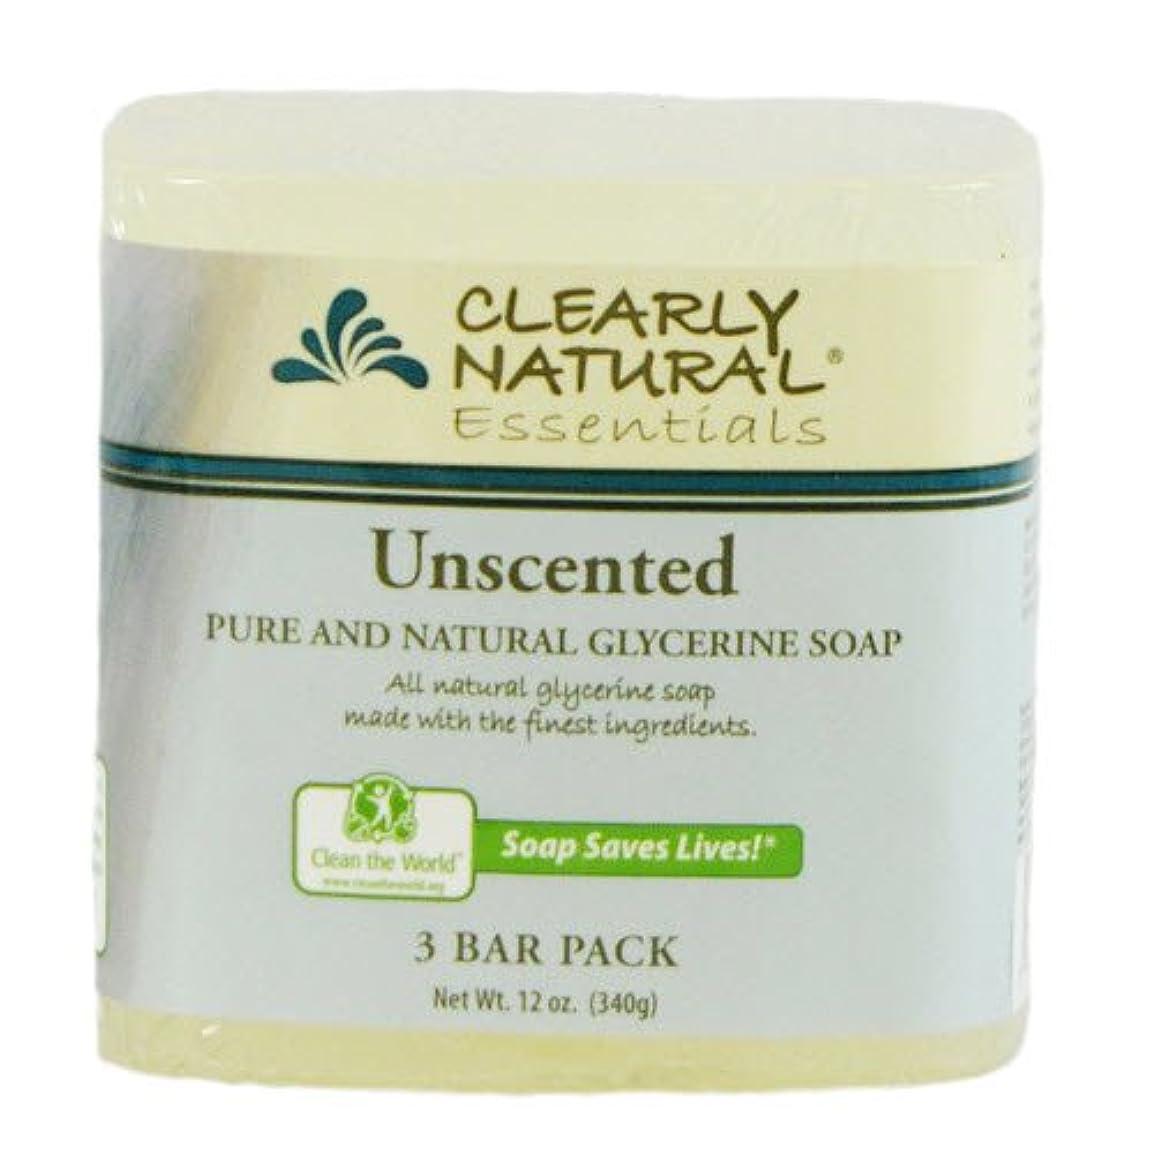 サラミ制限大陸Clearly Natural, Pure and Natural Glycerine Soap, Unscented, 3 Bar Pack, 4 oz Each